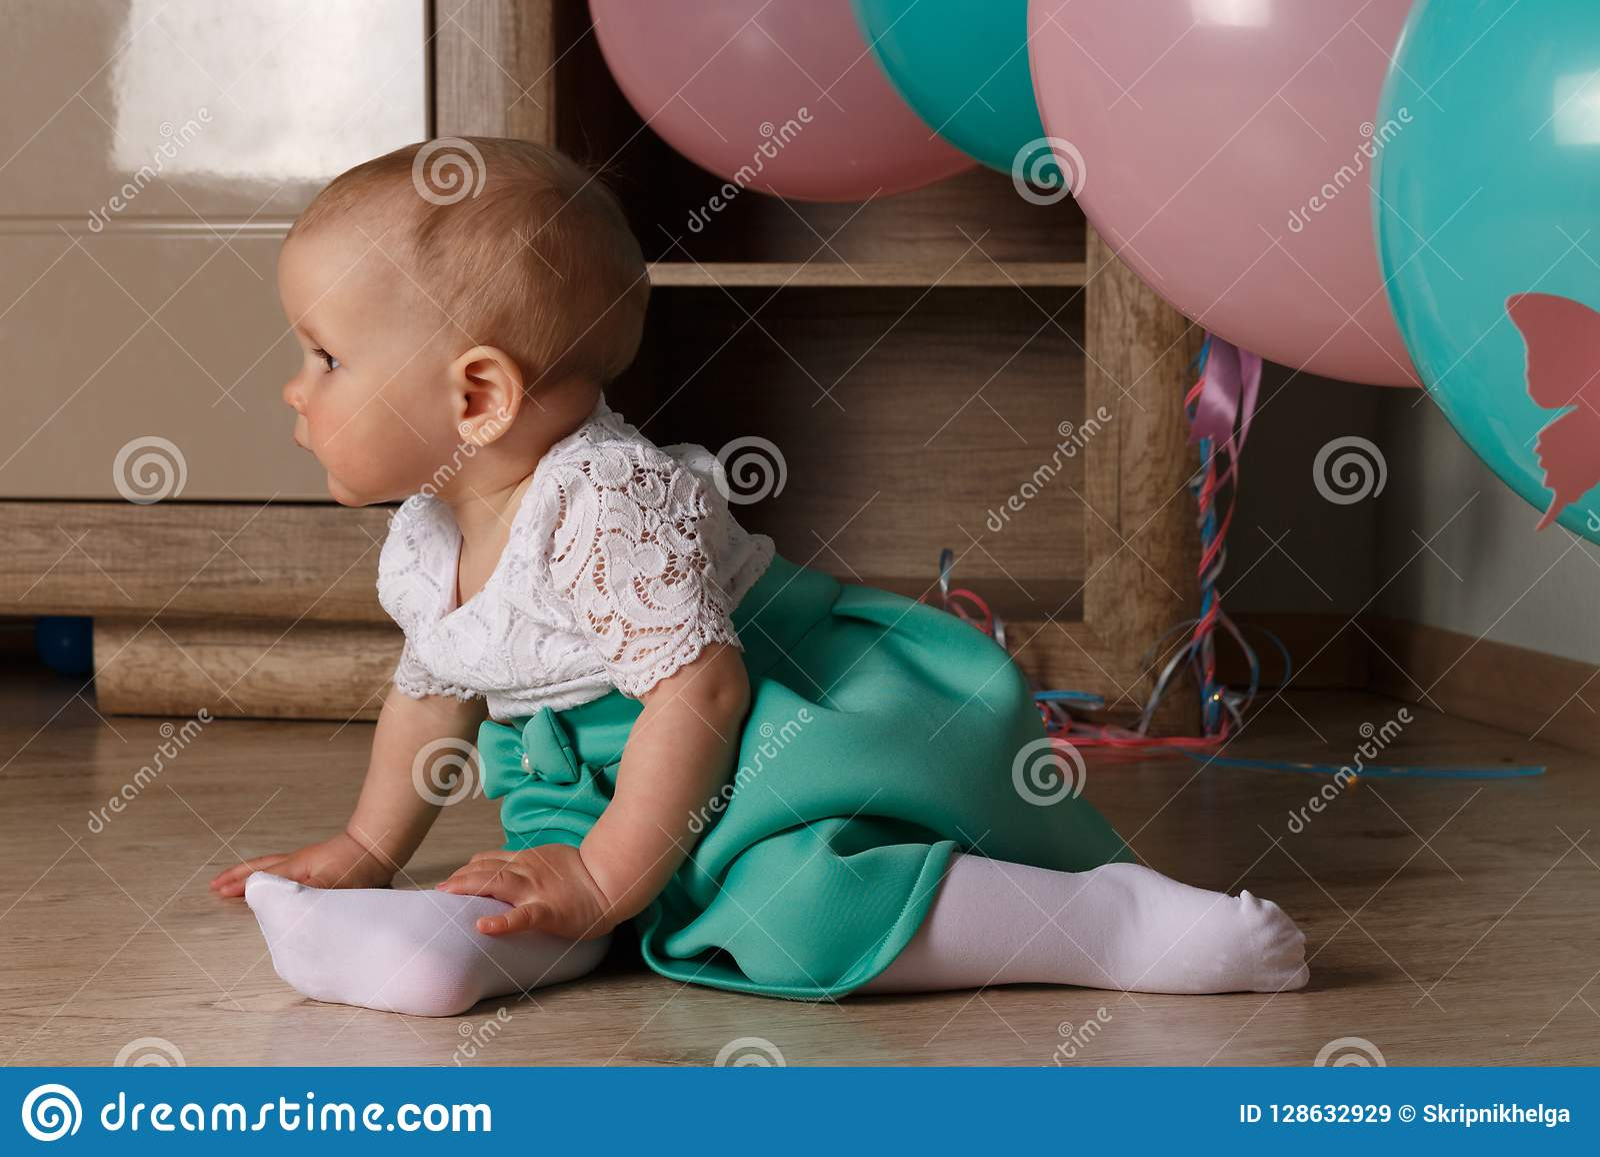 Małej dziewczynki obsiadanie na podłoga w pokoju obok balonów, pierwszy urodziny, świętuje jeden roczniaka błękitny i różowy piłk